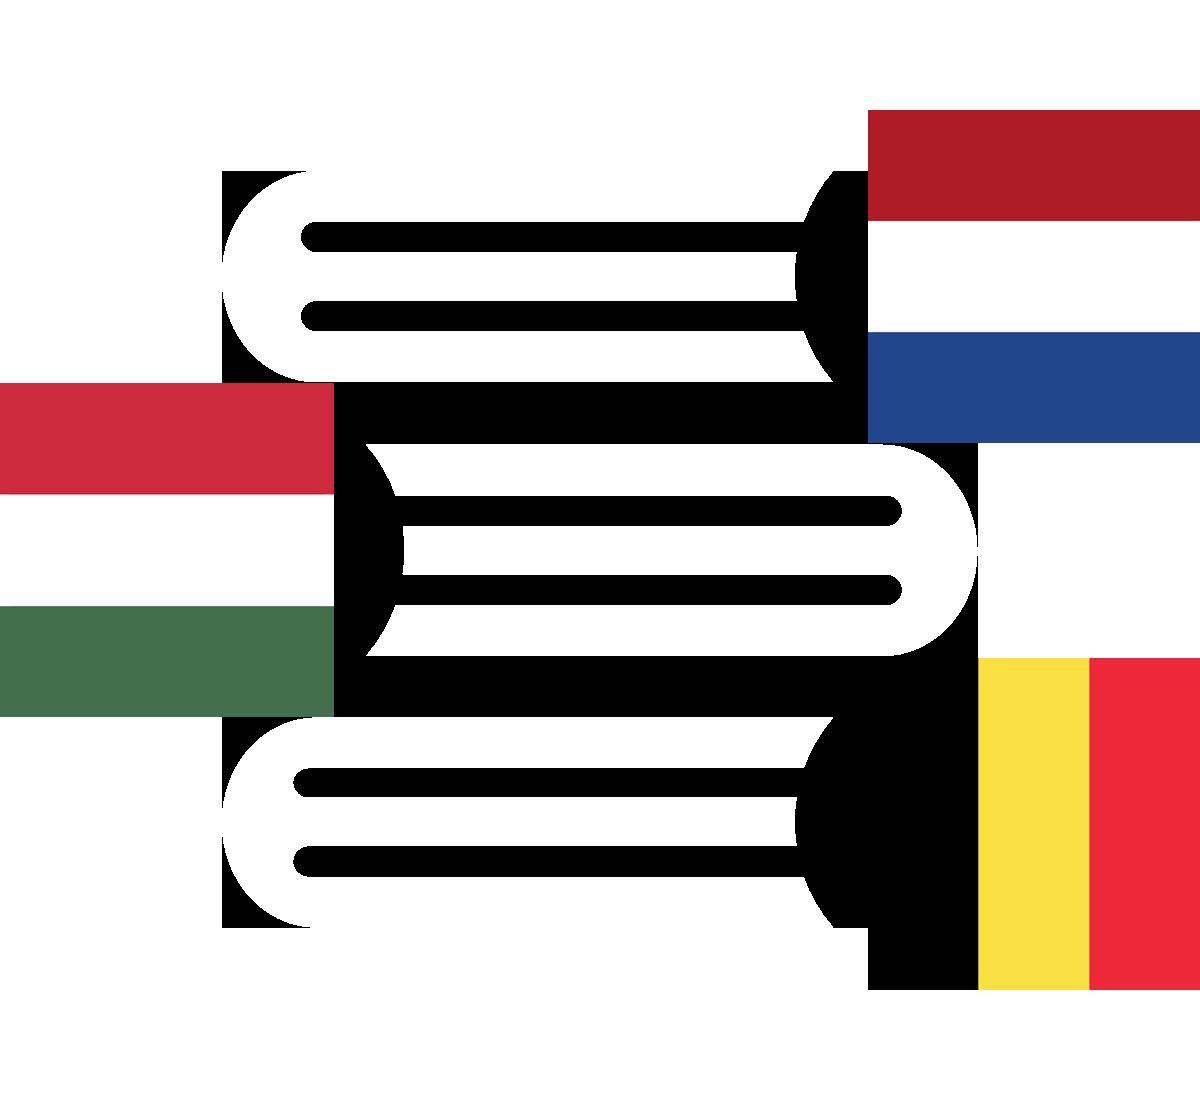 Néderlandisztikai Kultúraközvetítő Központ